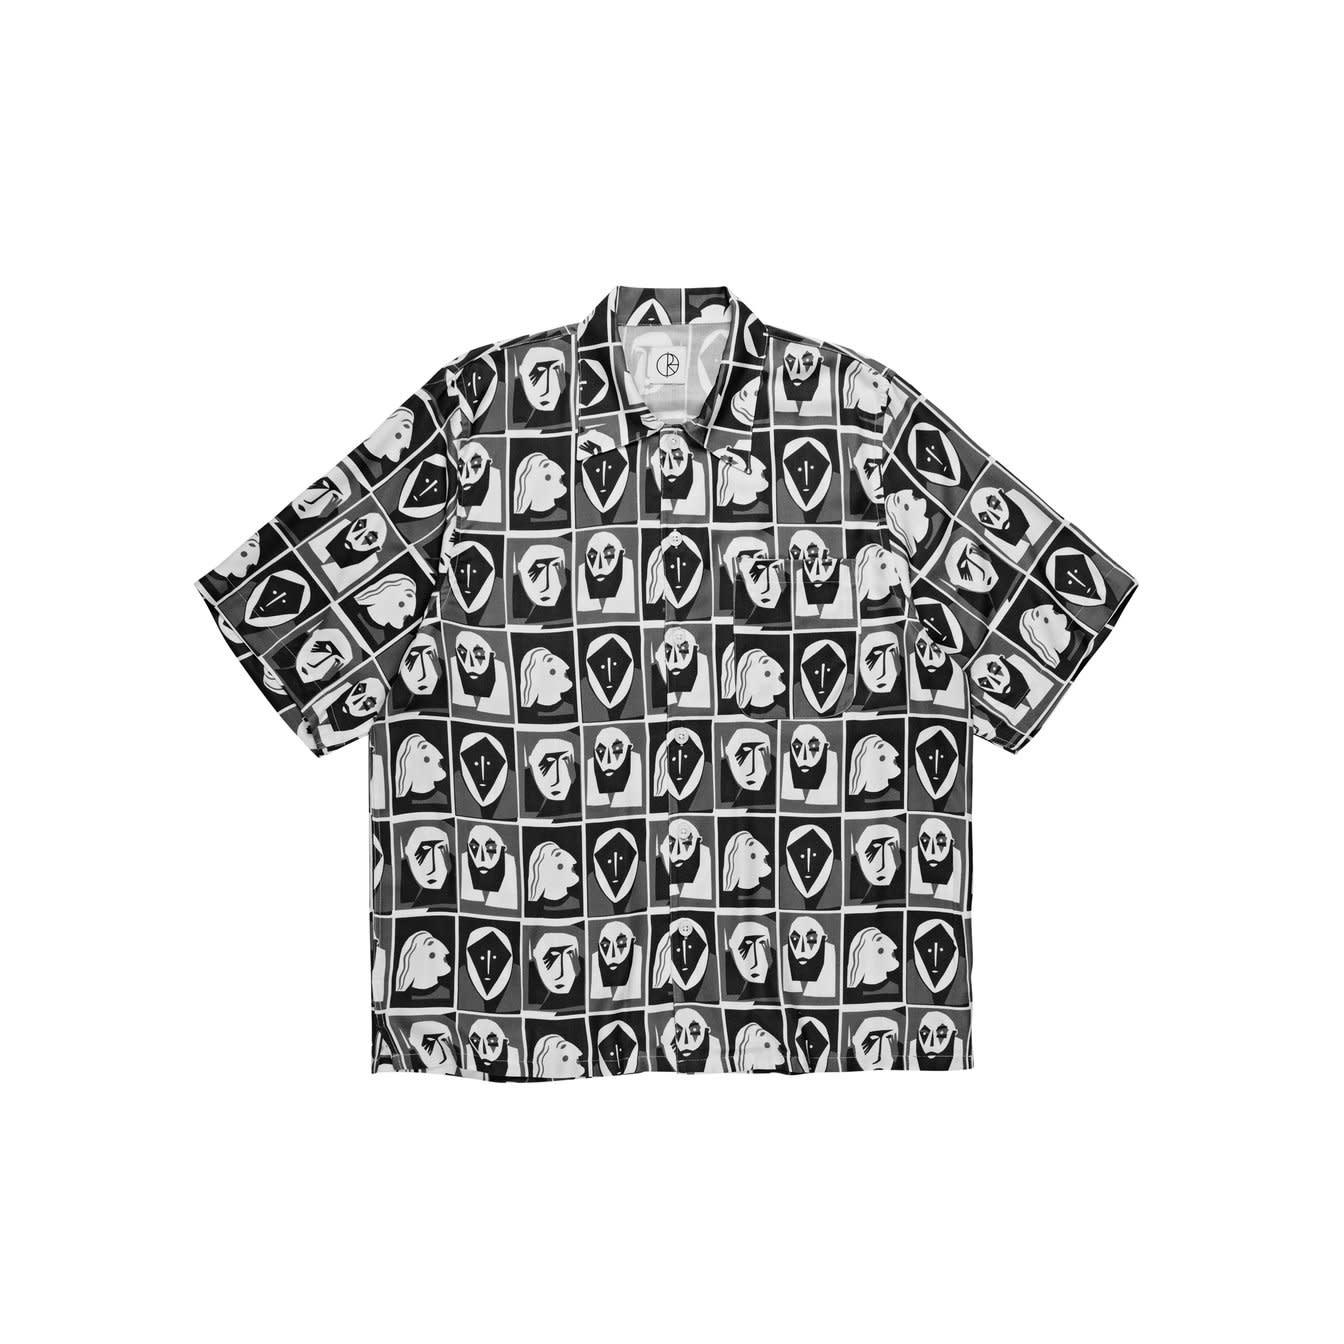 Polar Skate Co. Art Shirt Selfie Black